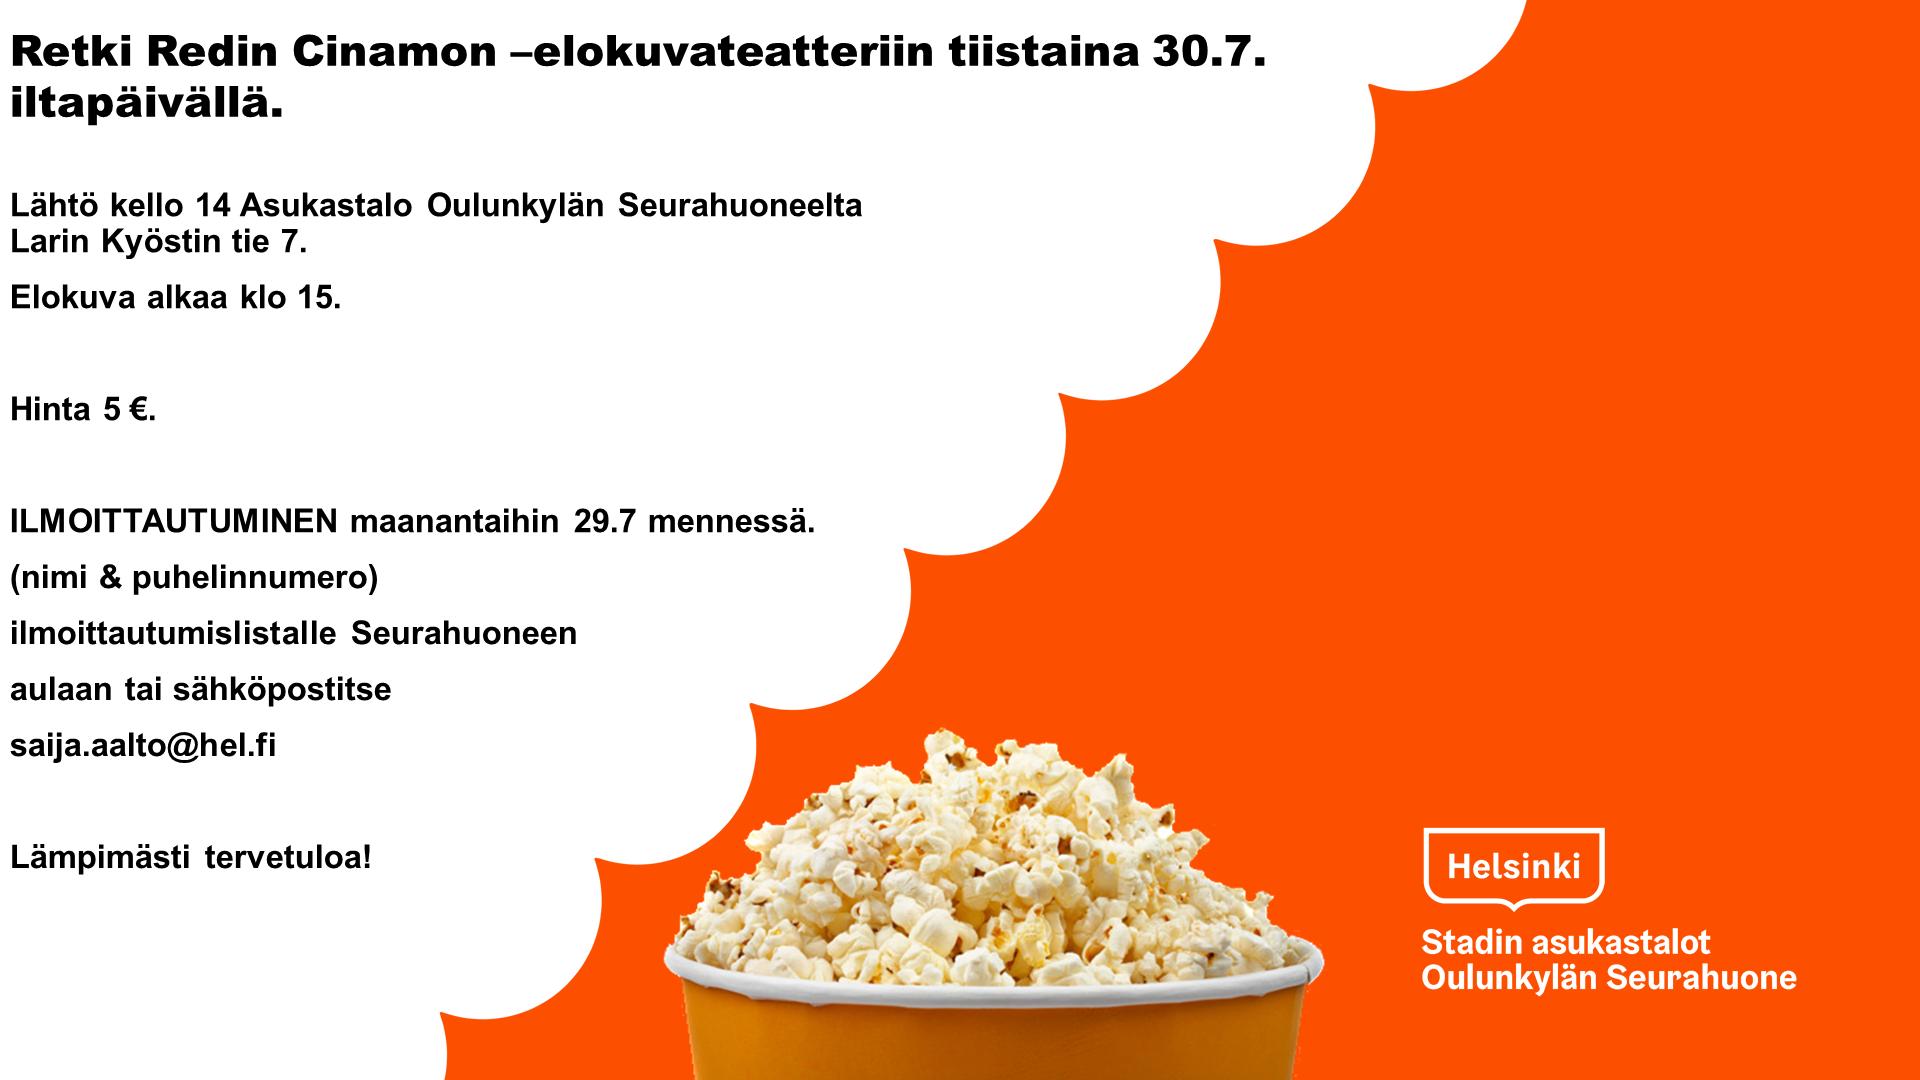 Linkki tapahtumaan Retki Redin Cinamon elokuvateatteriin tiistaina 30.7.